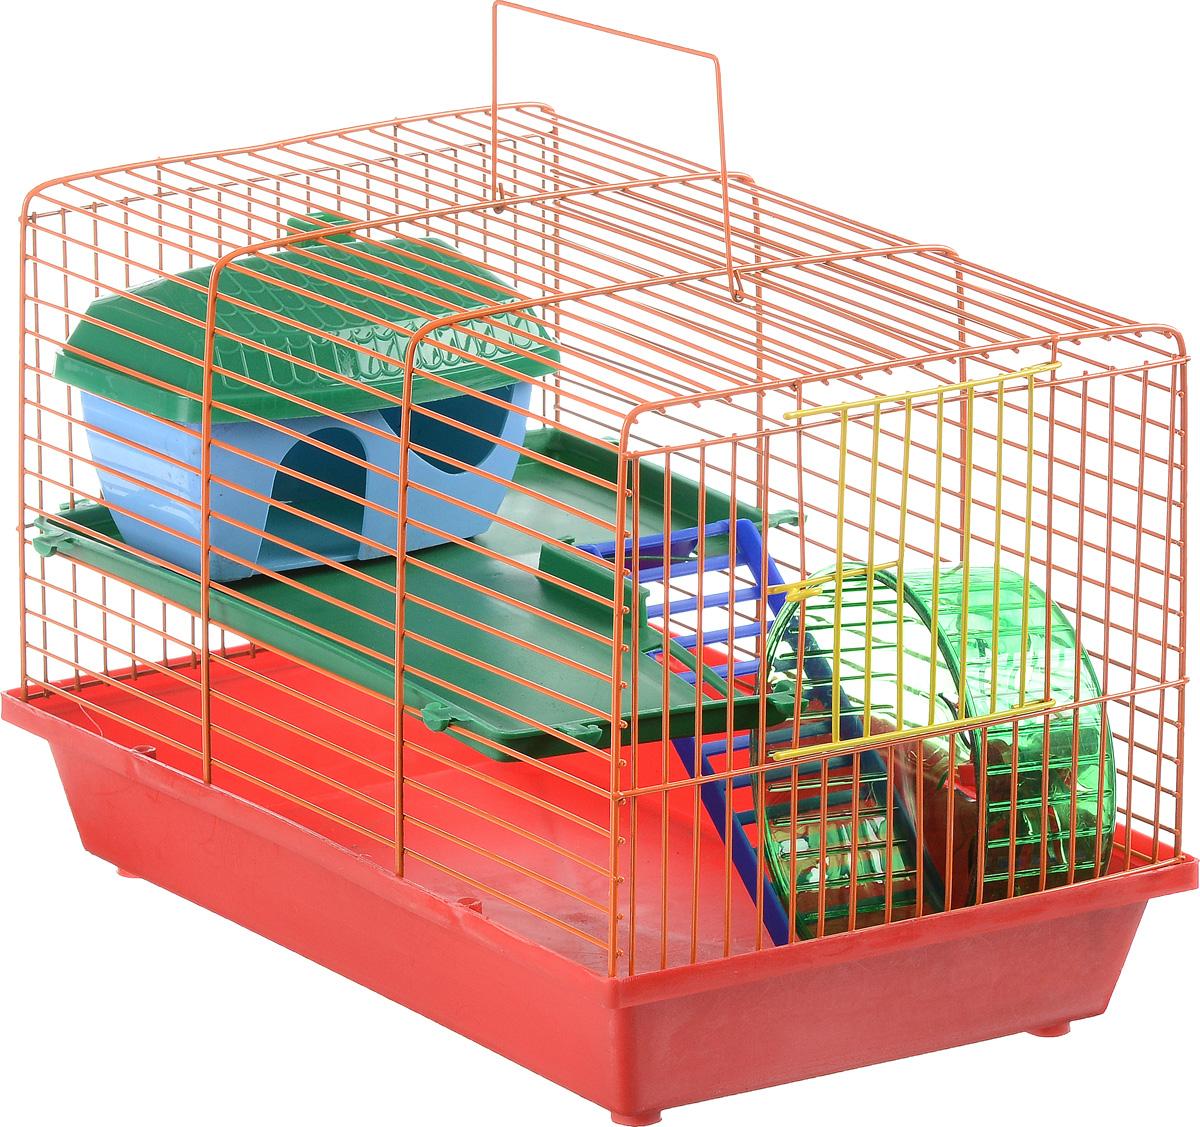 Клетка для грызунов ЗооМарк, 2-этажная, цвет: красный поддон, оранжевая решетка, зеленые этажи, 36 х 22 х 24 см0120710Клетка ЗооМарк, выполненная из полипропилена и металла, подходит для мелких грызунов. Изделие двухэтажное, оборудовано лестницей, колесом для подвижных игр и пластиковым домиком. Клетка имеет яркий поддон, удобна в использовании и легко чистится. Сверху имеется ручка для переноски. Такая клетка станет уединенным личным пространством и уютным домиком для маленького грызуна.